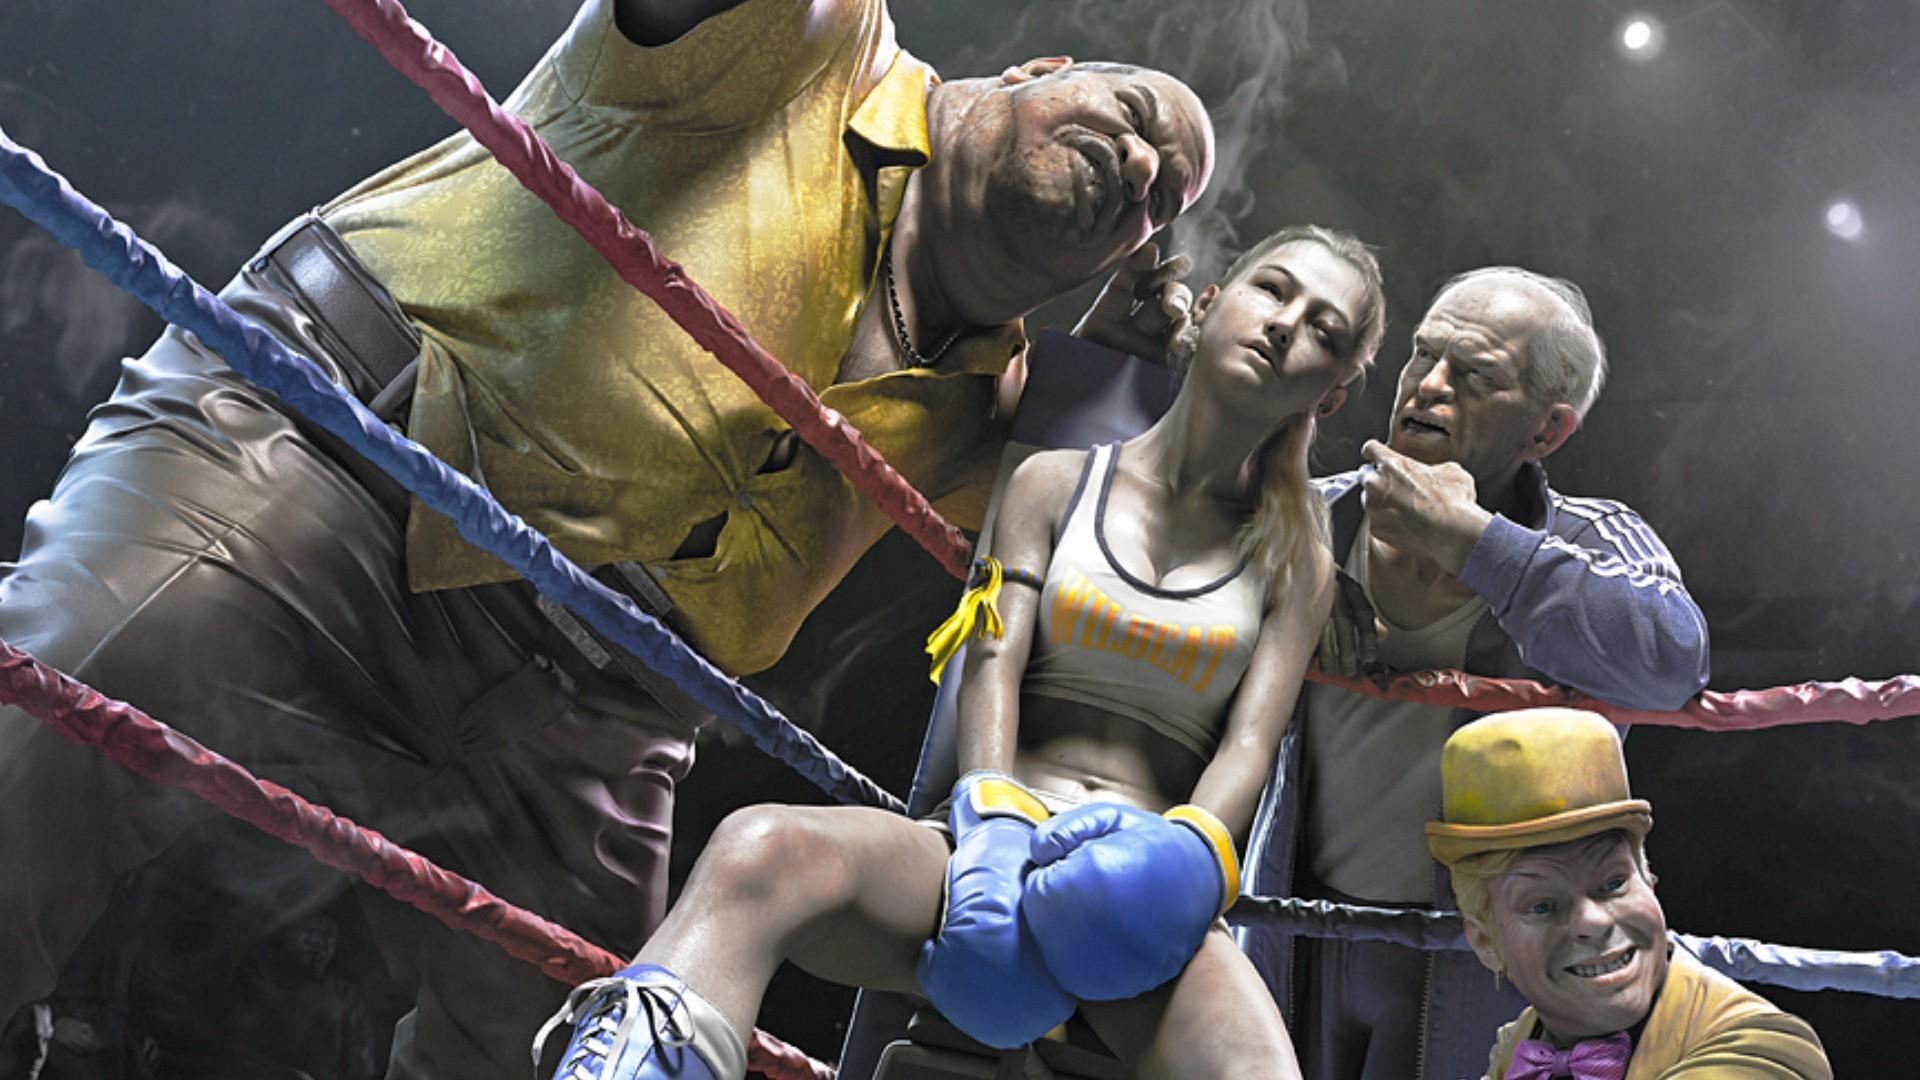 Подружке, прикольные картинки на рабочий стол бокс